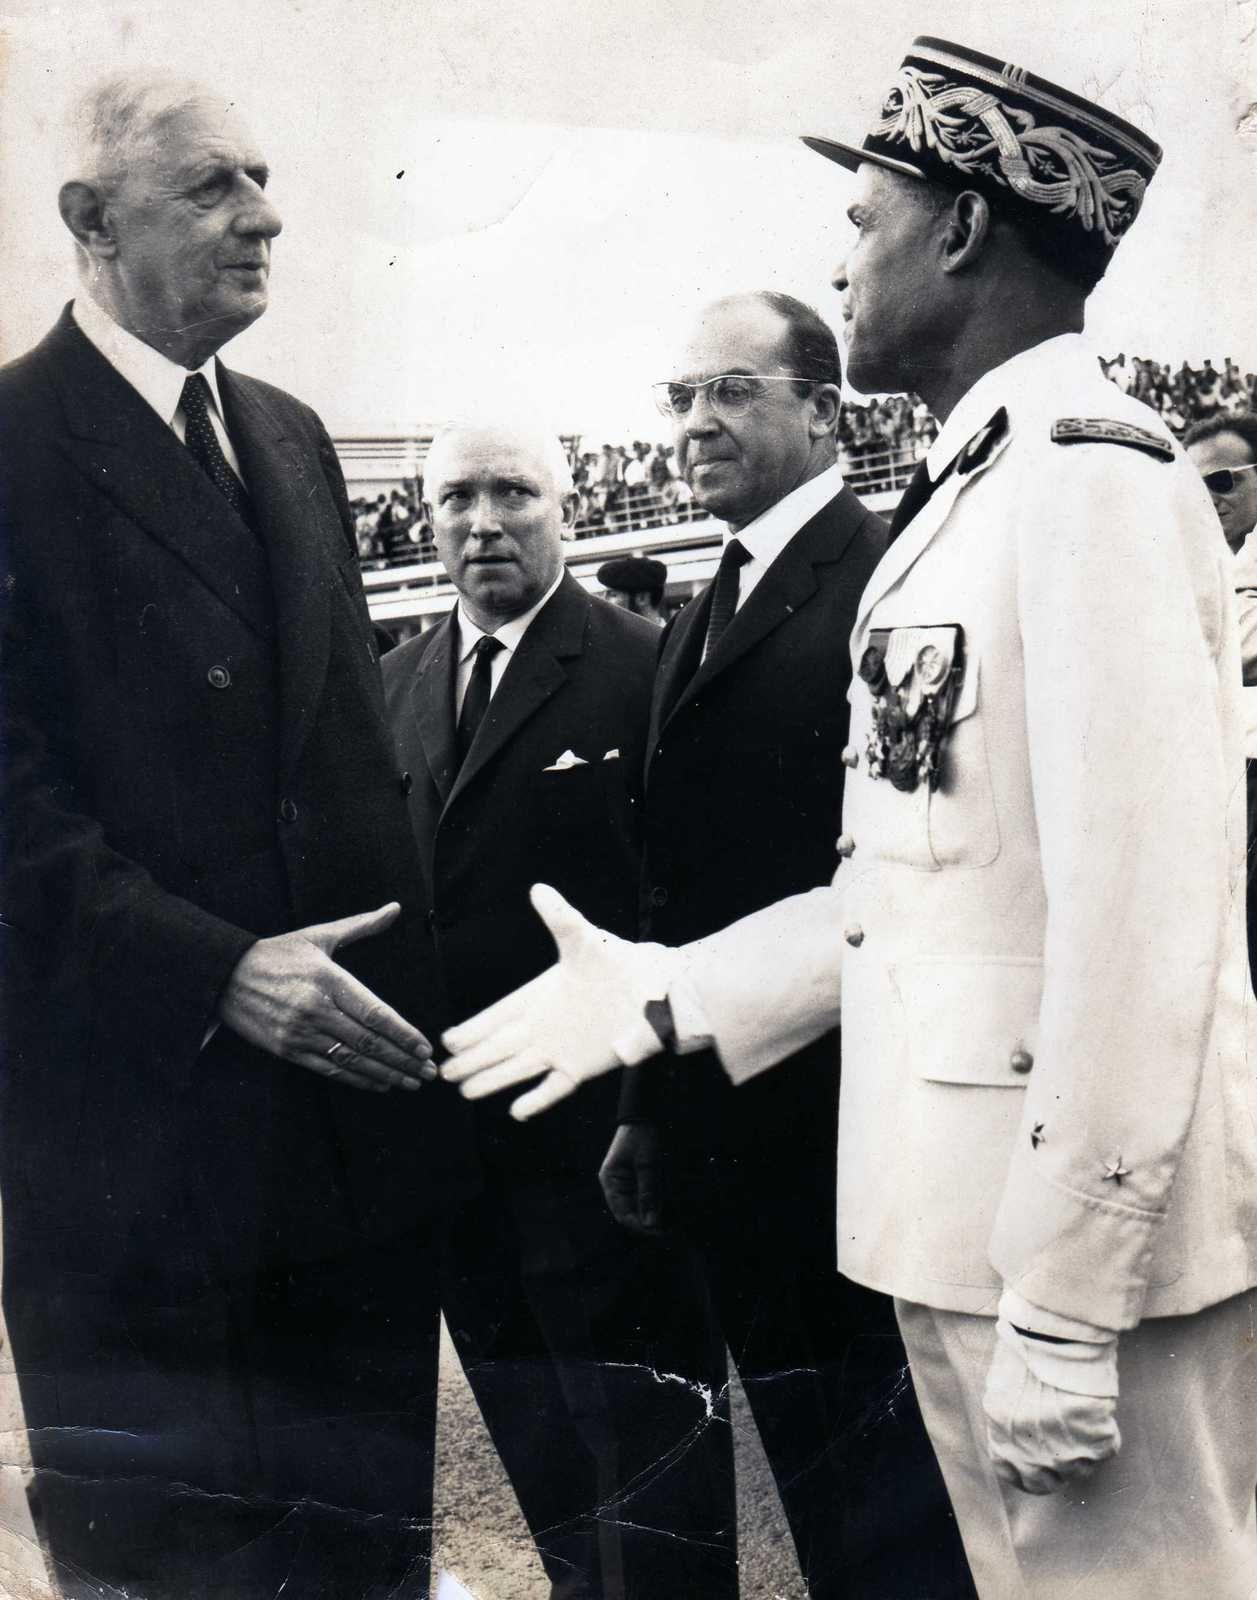 Le général de Gaulle, à Raizet en Guadeloupe, serrant la main du général Dardet.